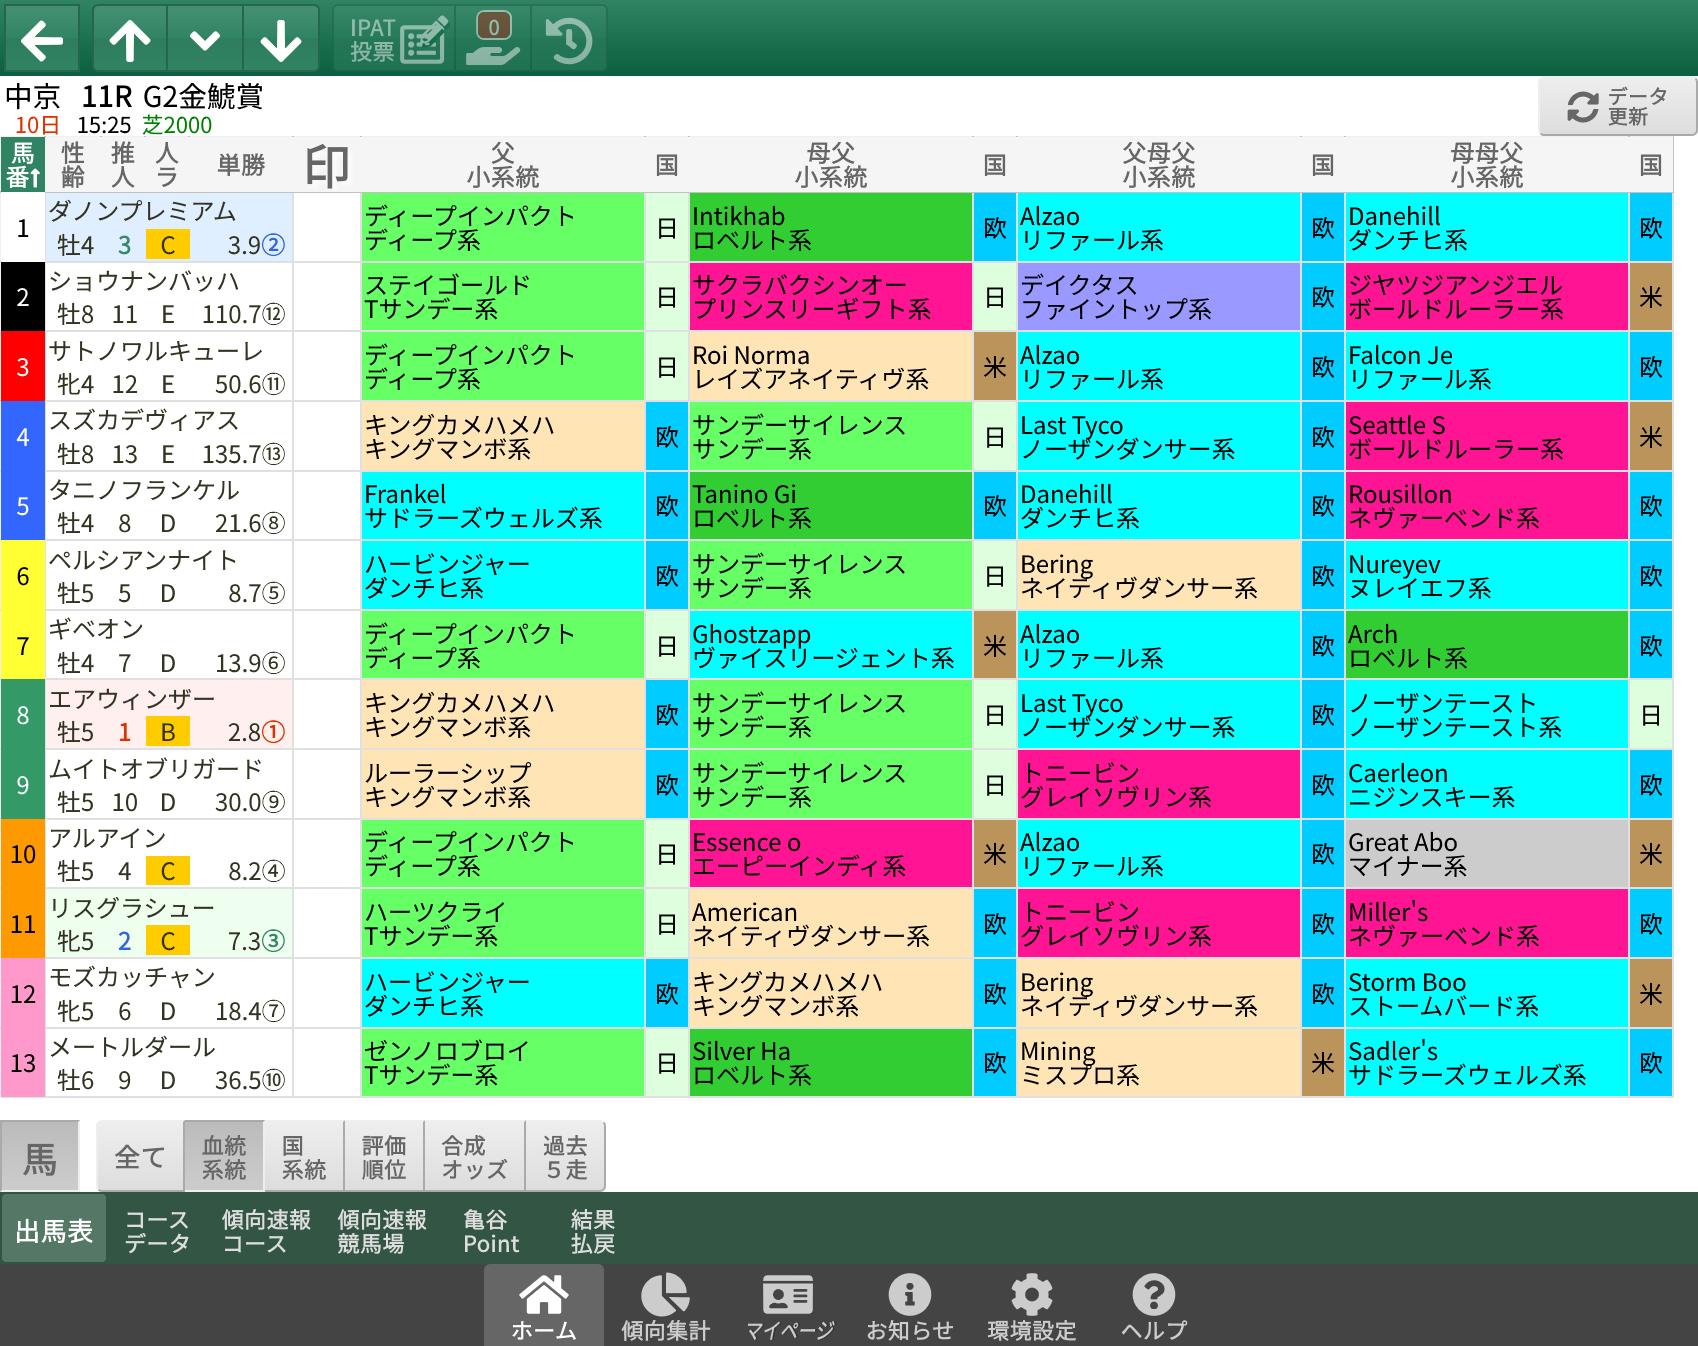 【無料公開】 金鯱賞 / 亀谷サロン限定公開中のスマート出馬表・次期バージョン